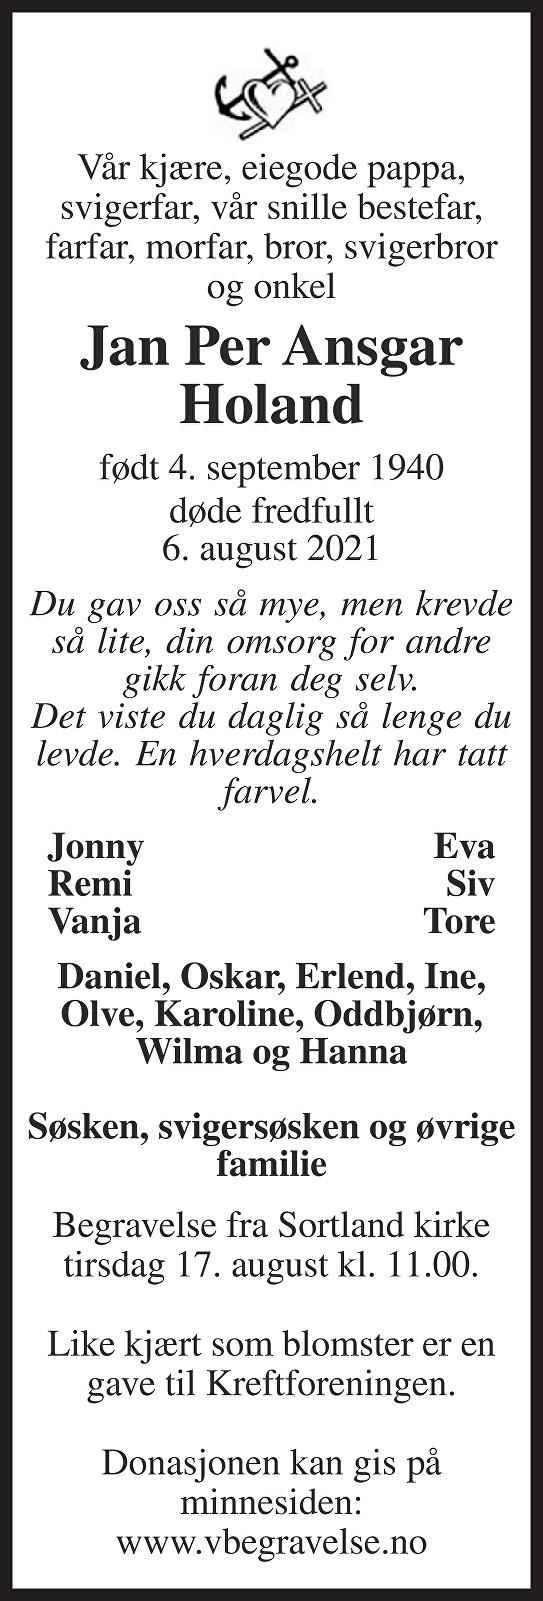 Jan Per Ansgar Holand Dødsannonse